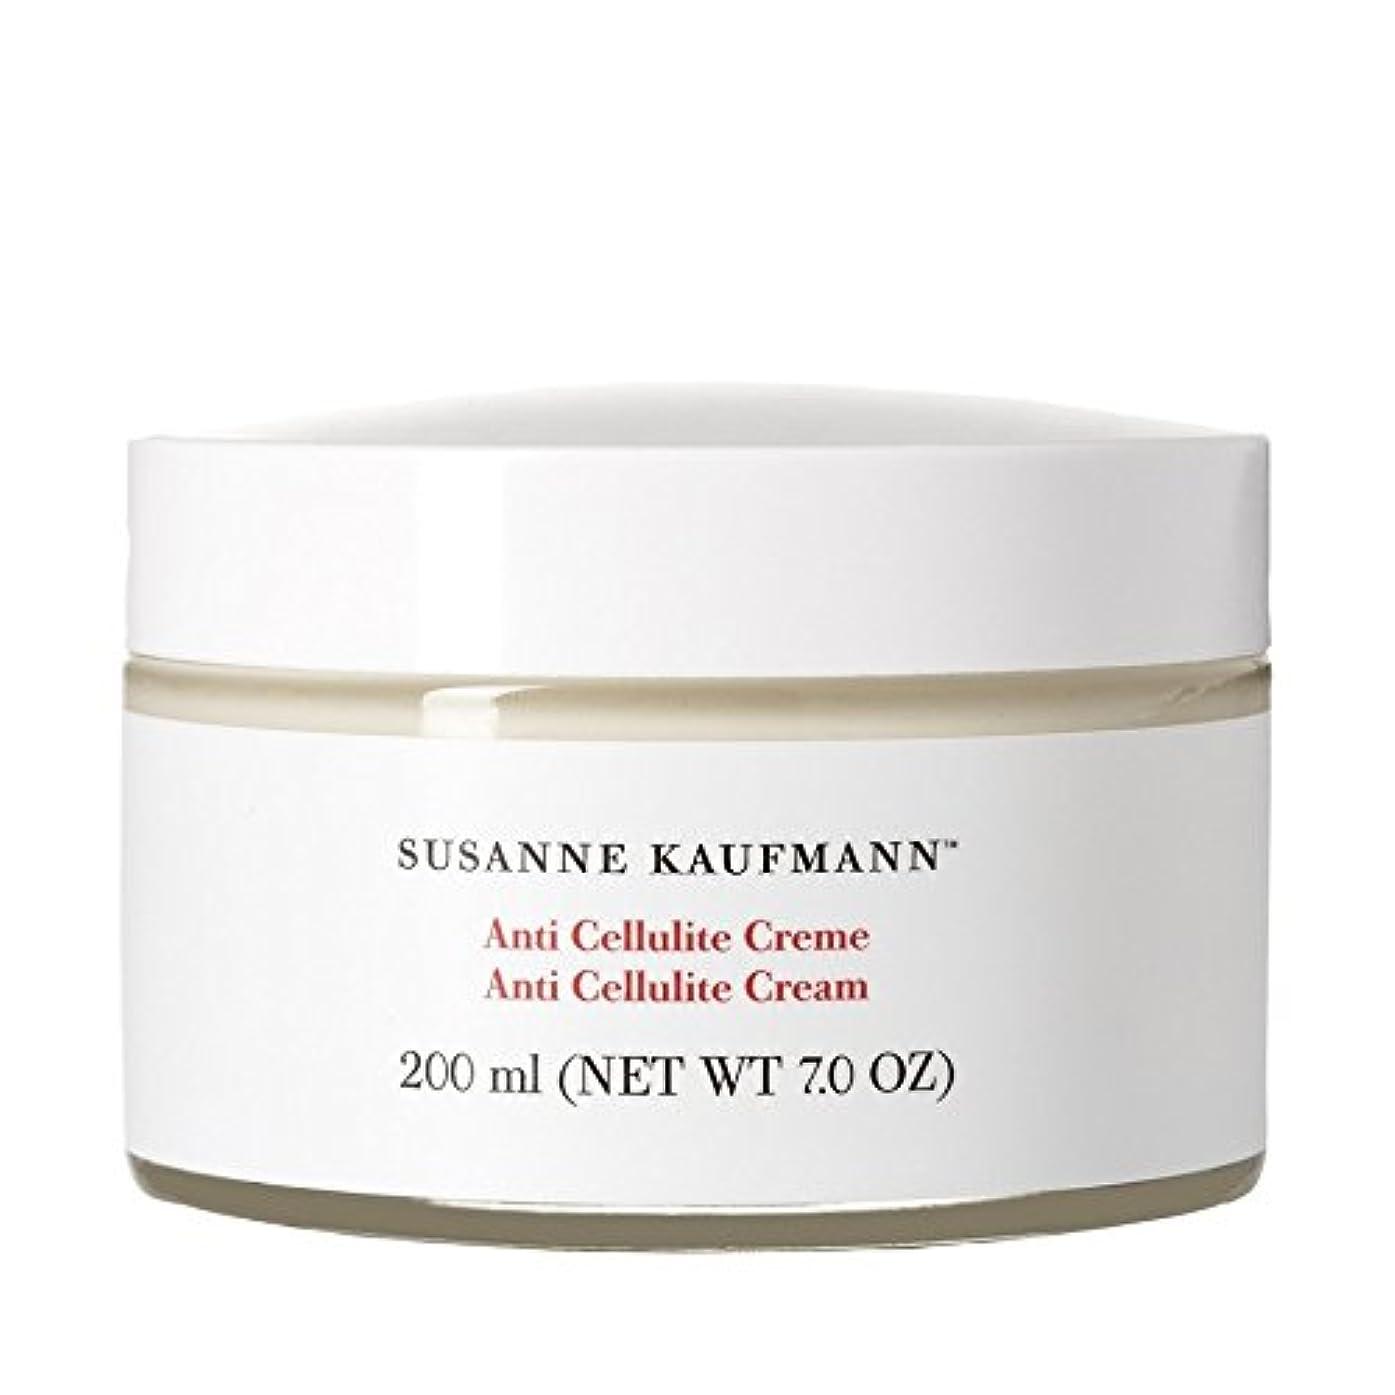 エチケットお世話になったキリスト教スザンヌカウフマン抗セルライトクリーム200ミリリットル x4 - Susanne Kaufmann Anti Cellulite Cream 200ml (Pack of 4) [並行輸入品]